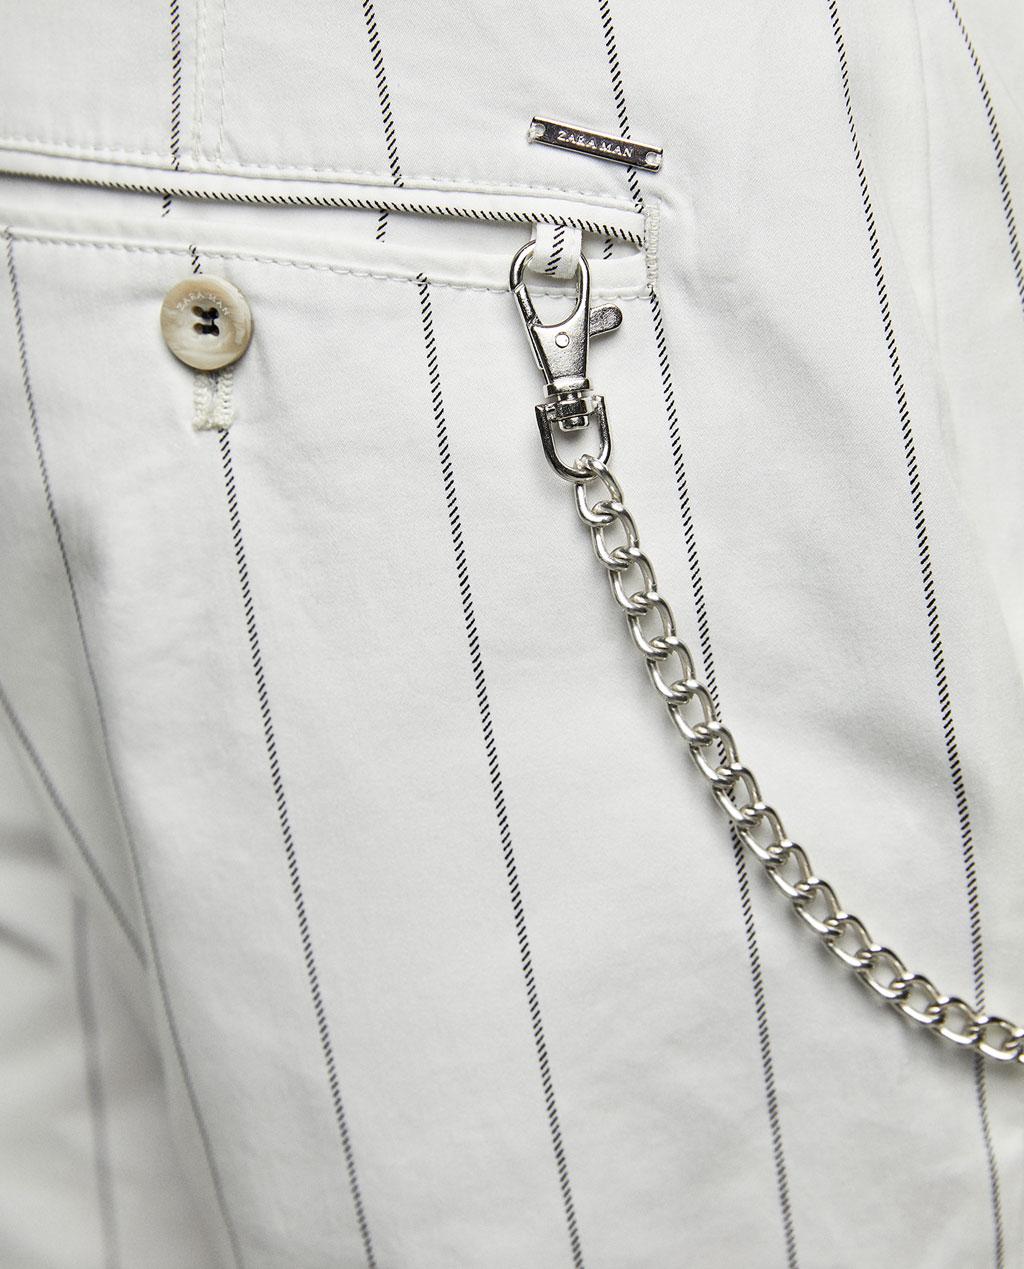 Thời trang nam Zara  23979 - ảnh 7